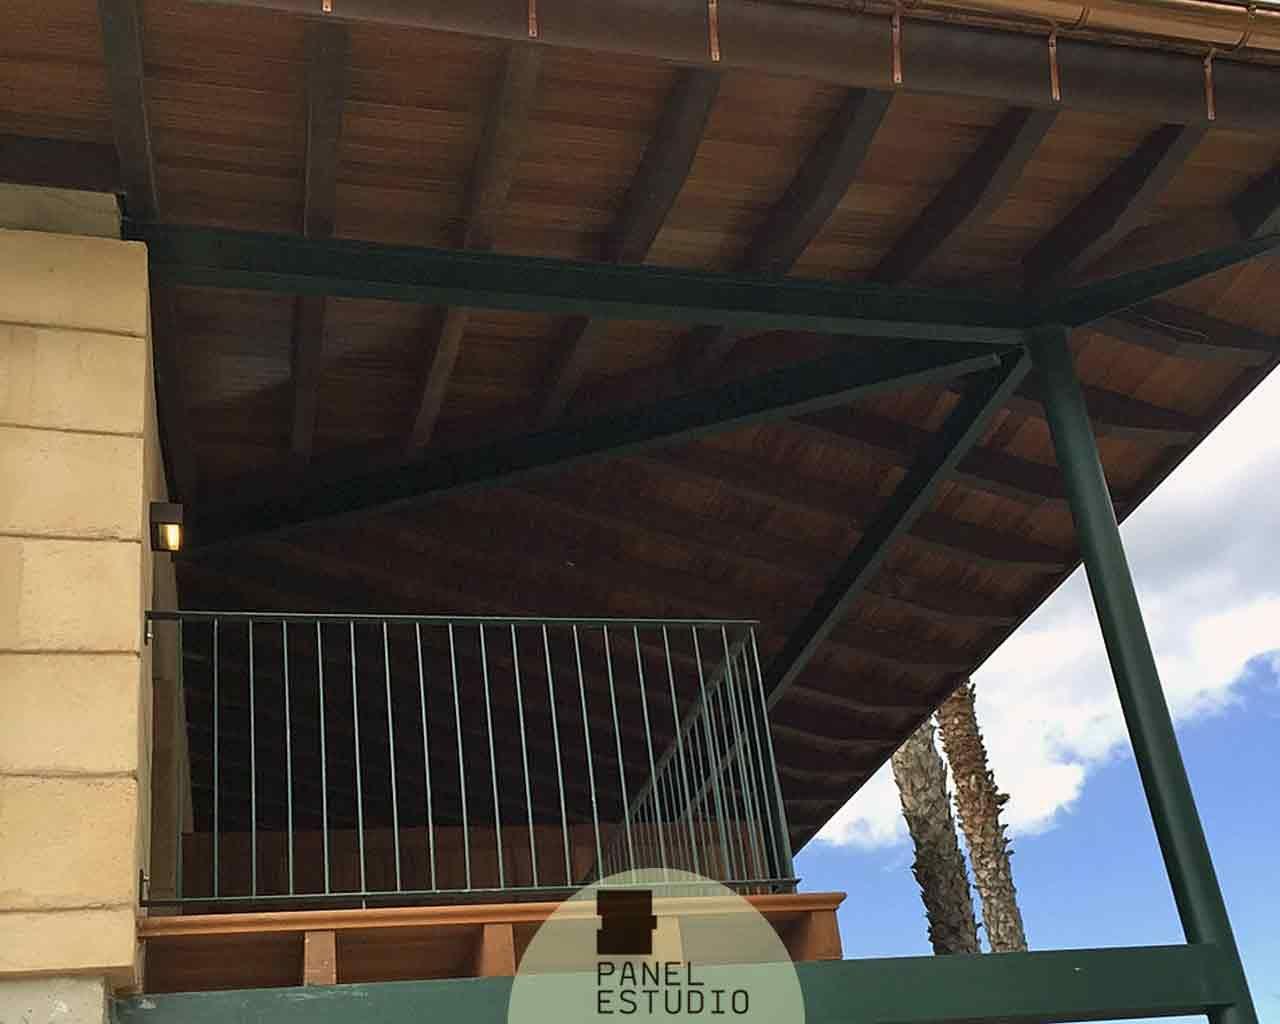 Panel sandwich de cubierta en acabado madera de iroko for Sandwich para tejados de madera